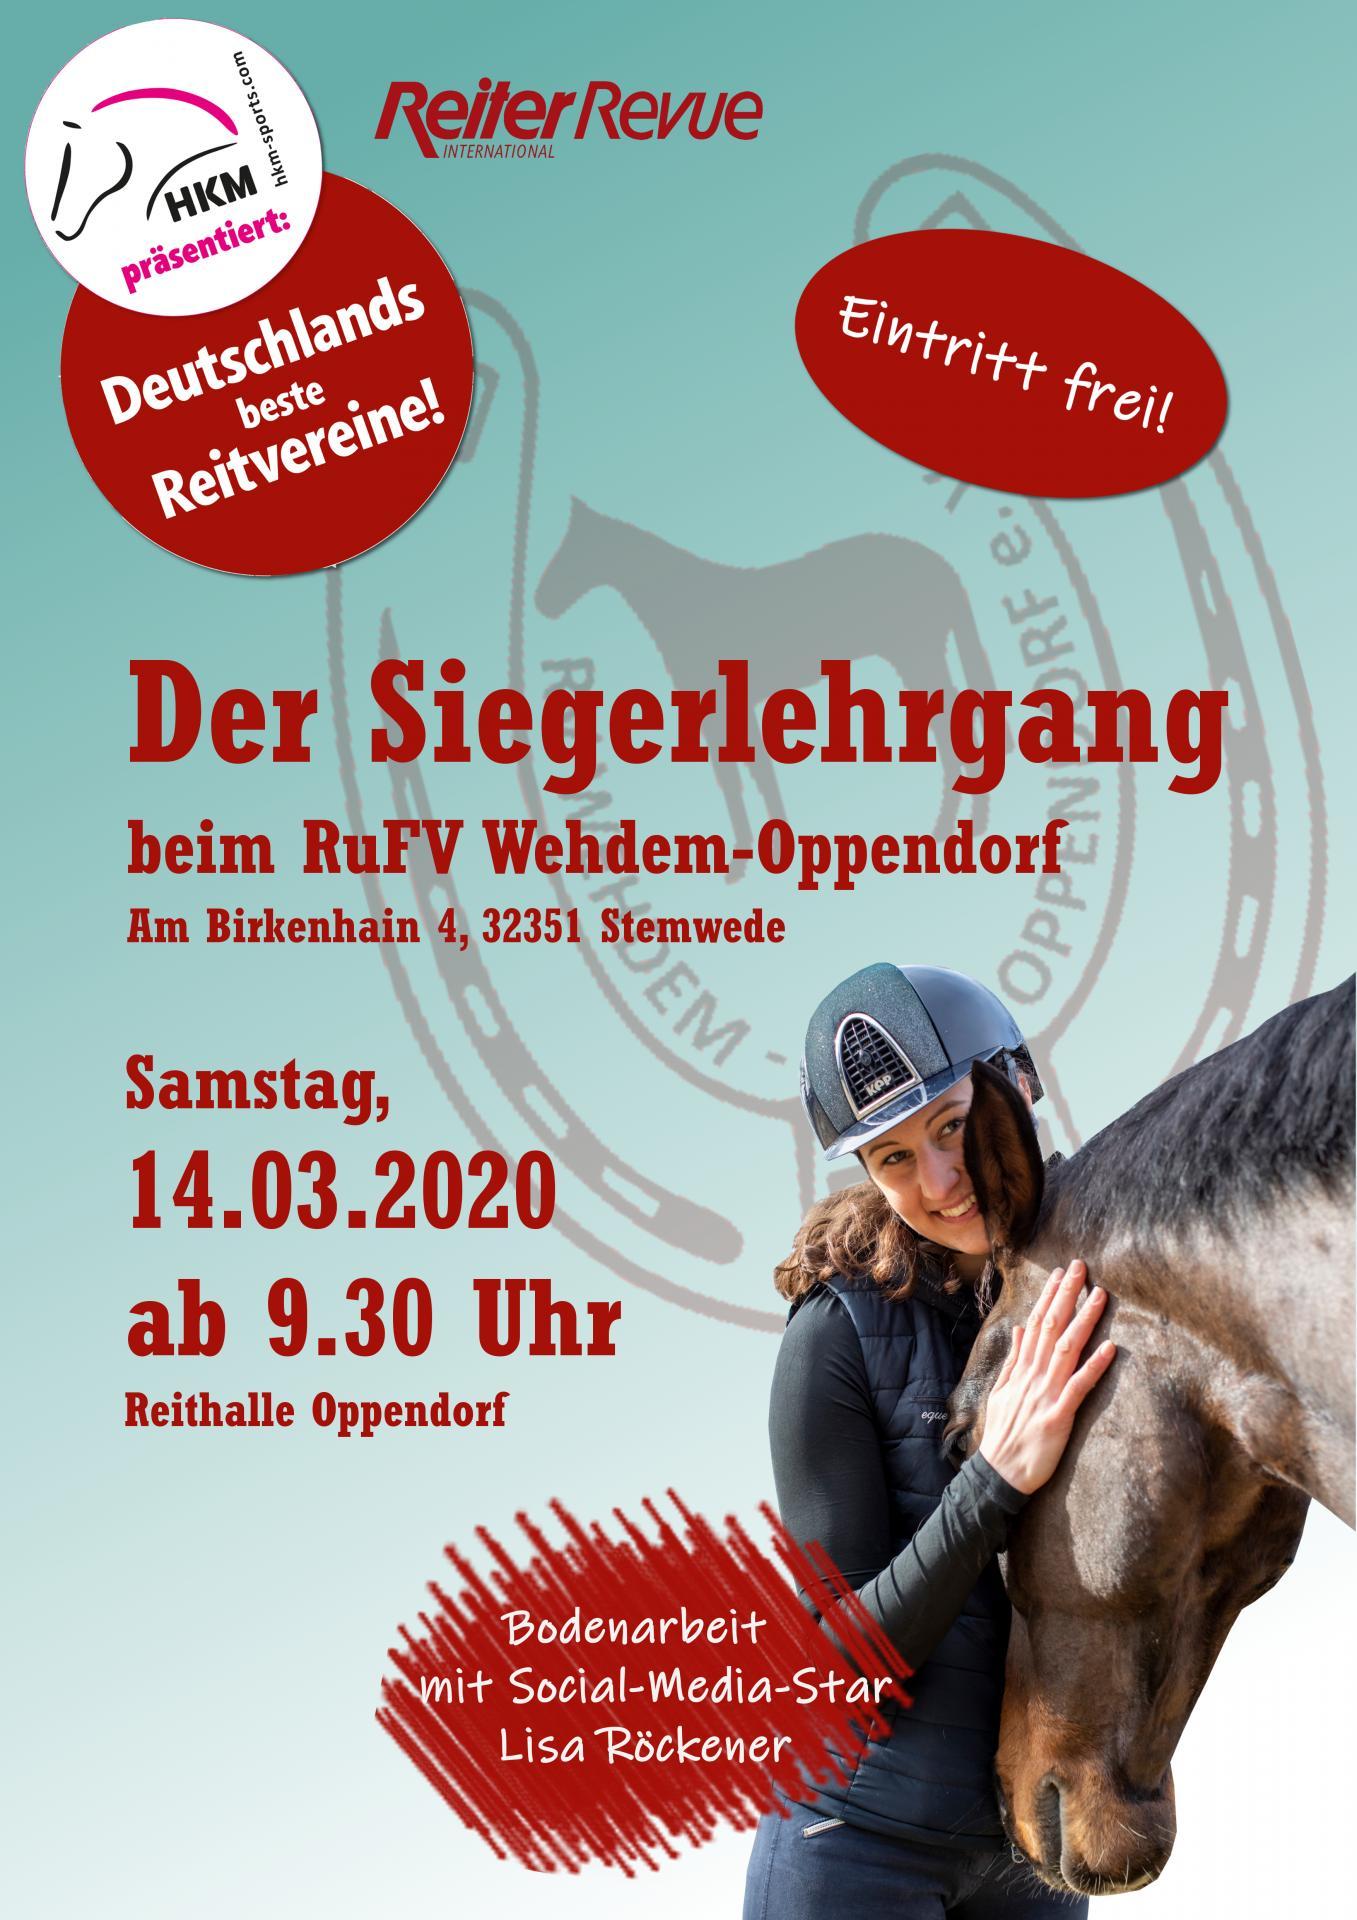 Plakat Deutschlands bester Reitverein